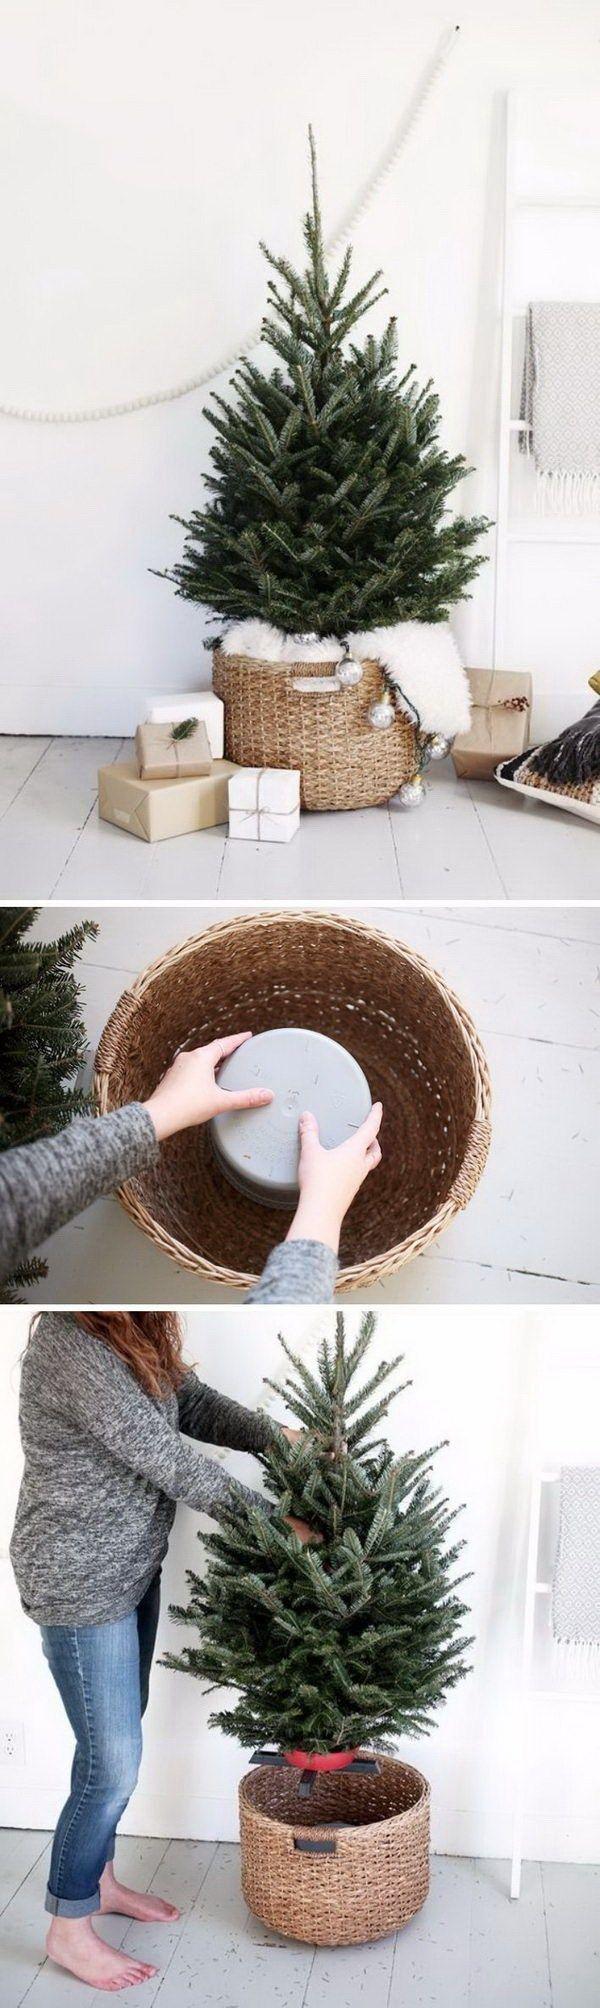 Photo of DIY Weihnachtsbaum. Verwenden Sie Körbe als Baumbasis und stellen Sie dann eine kleine …